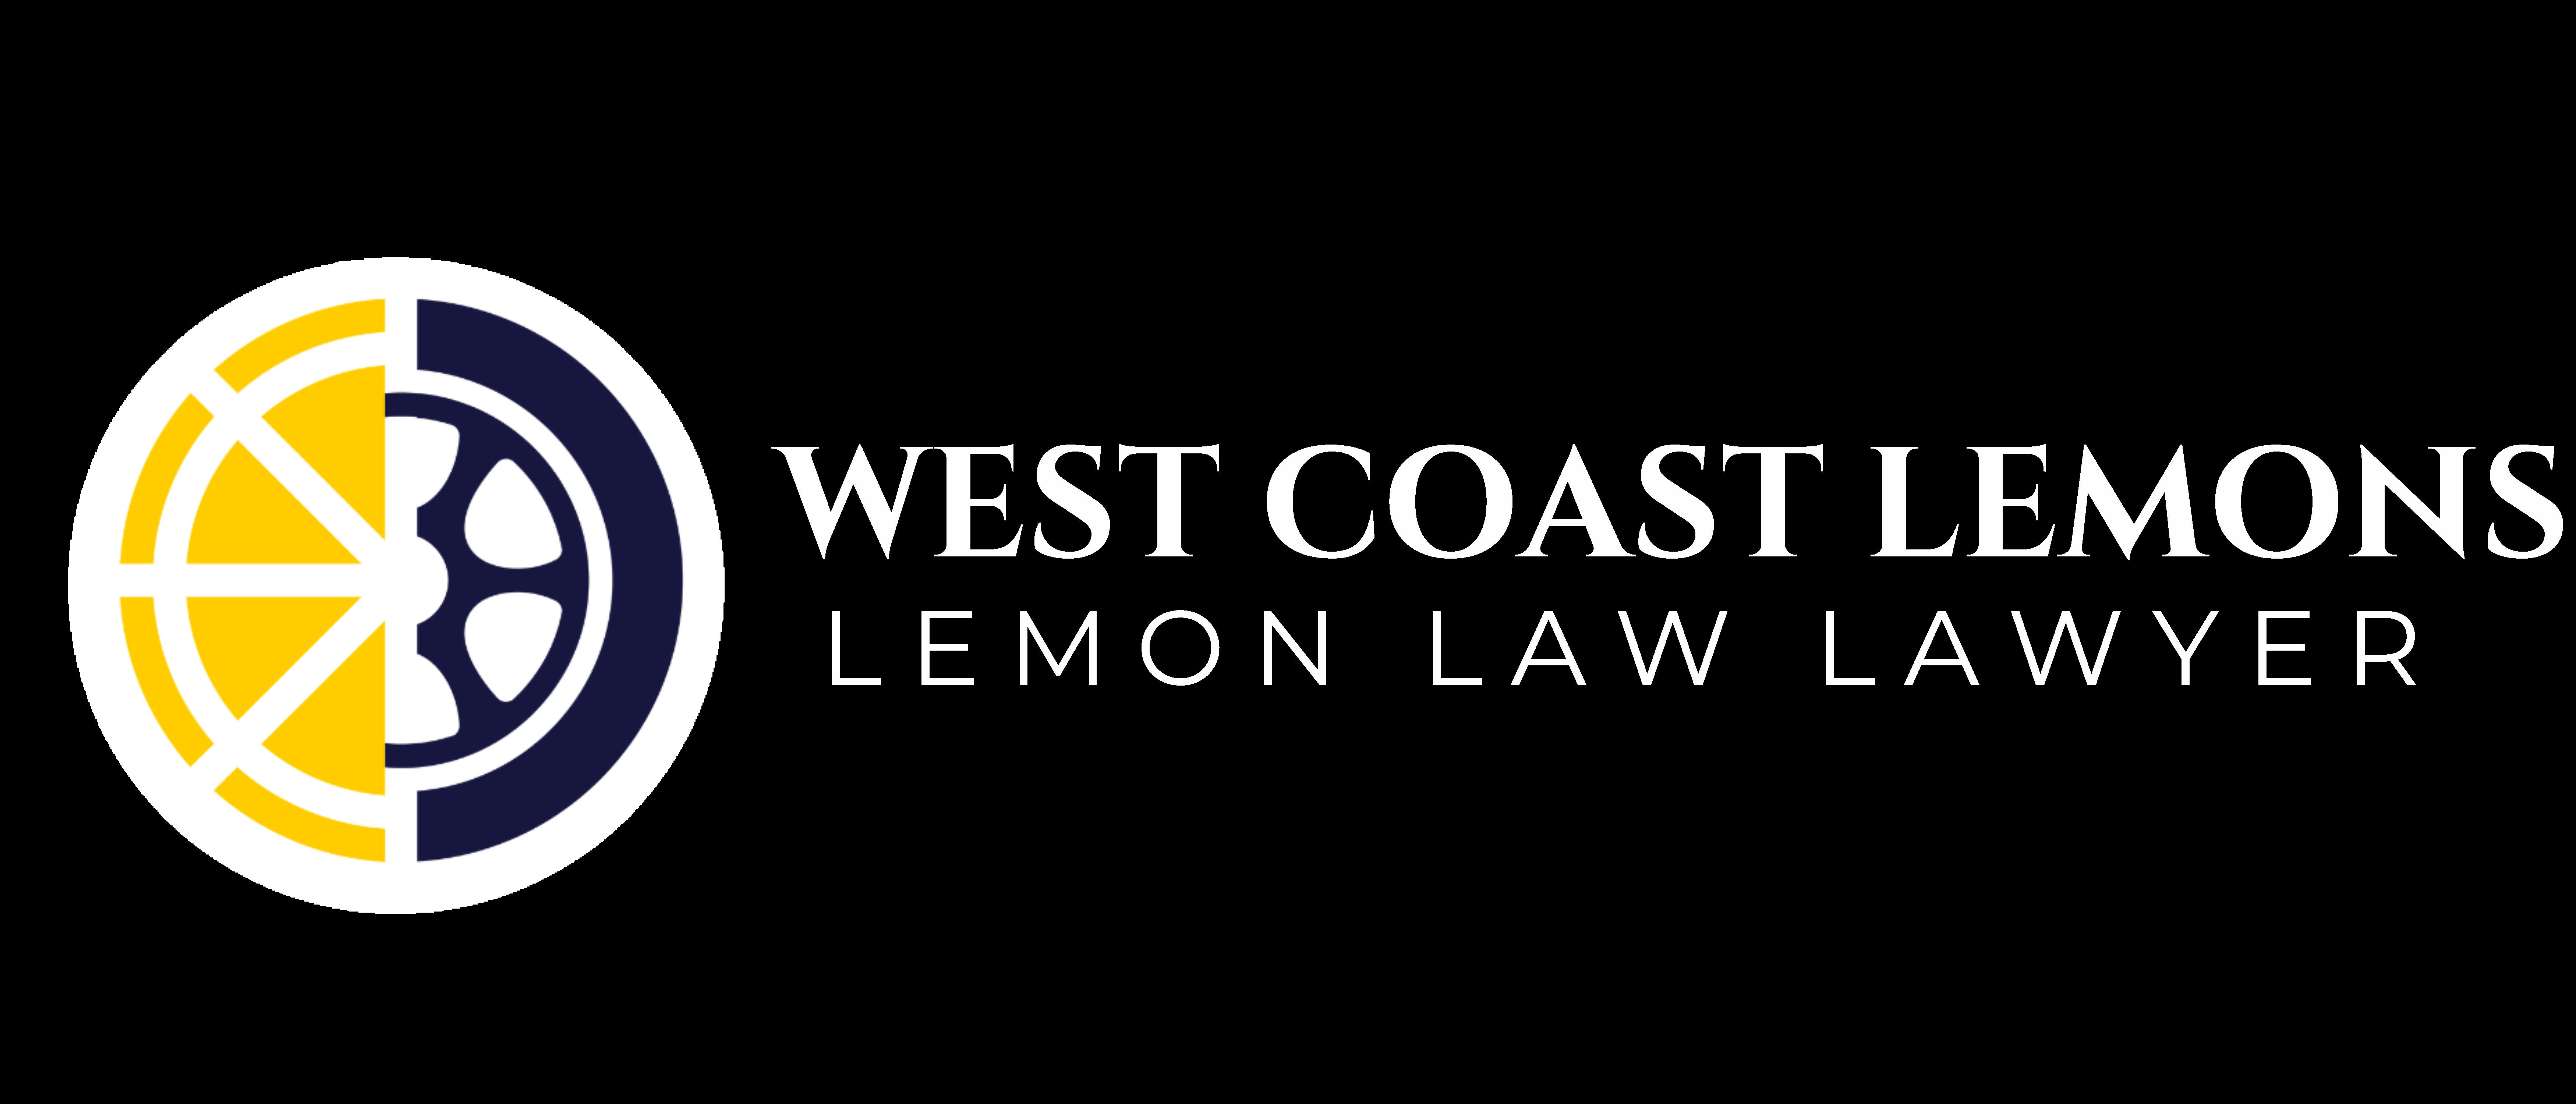 West Coast Lemons